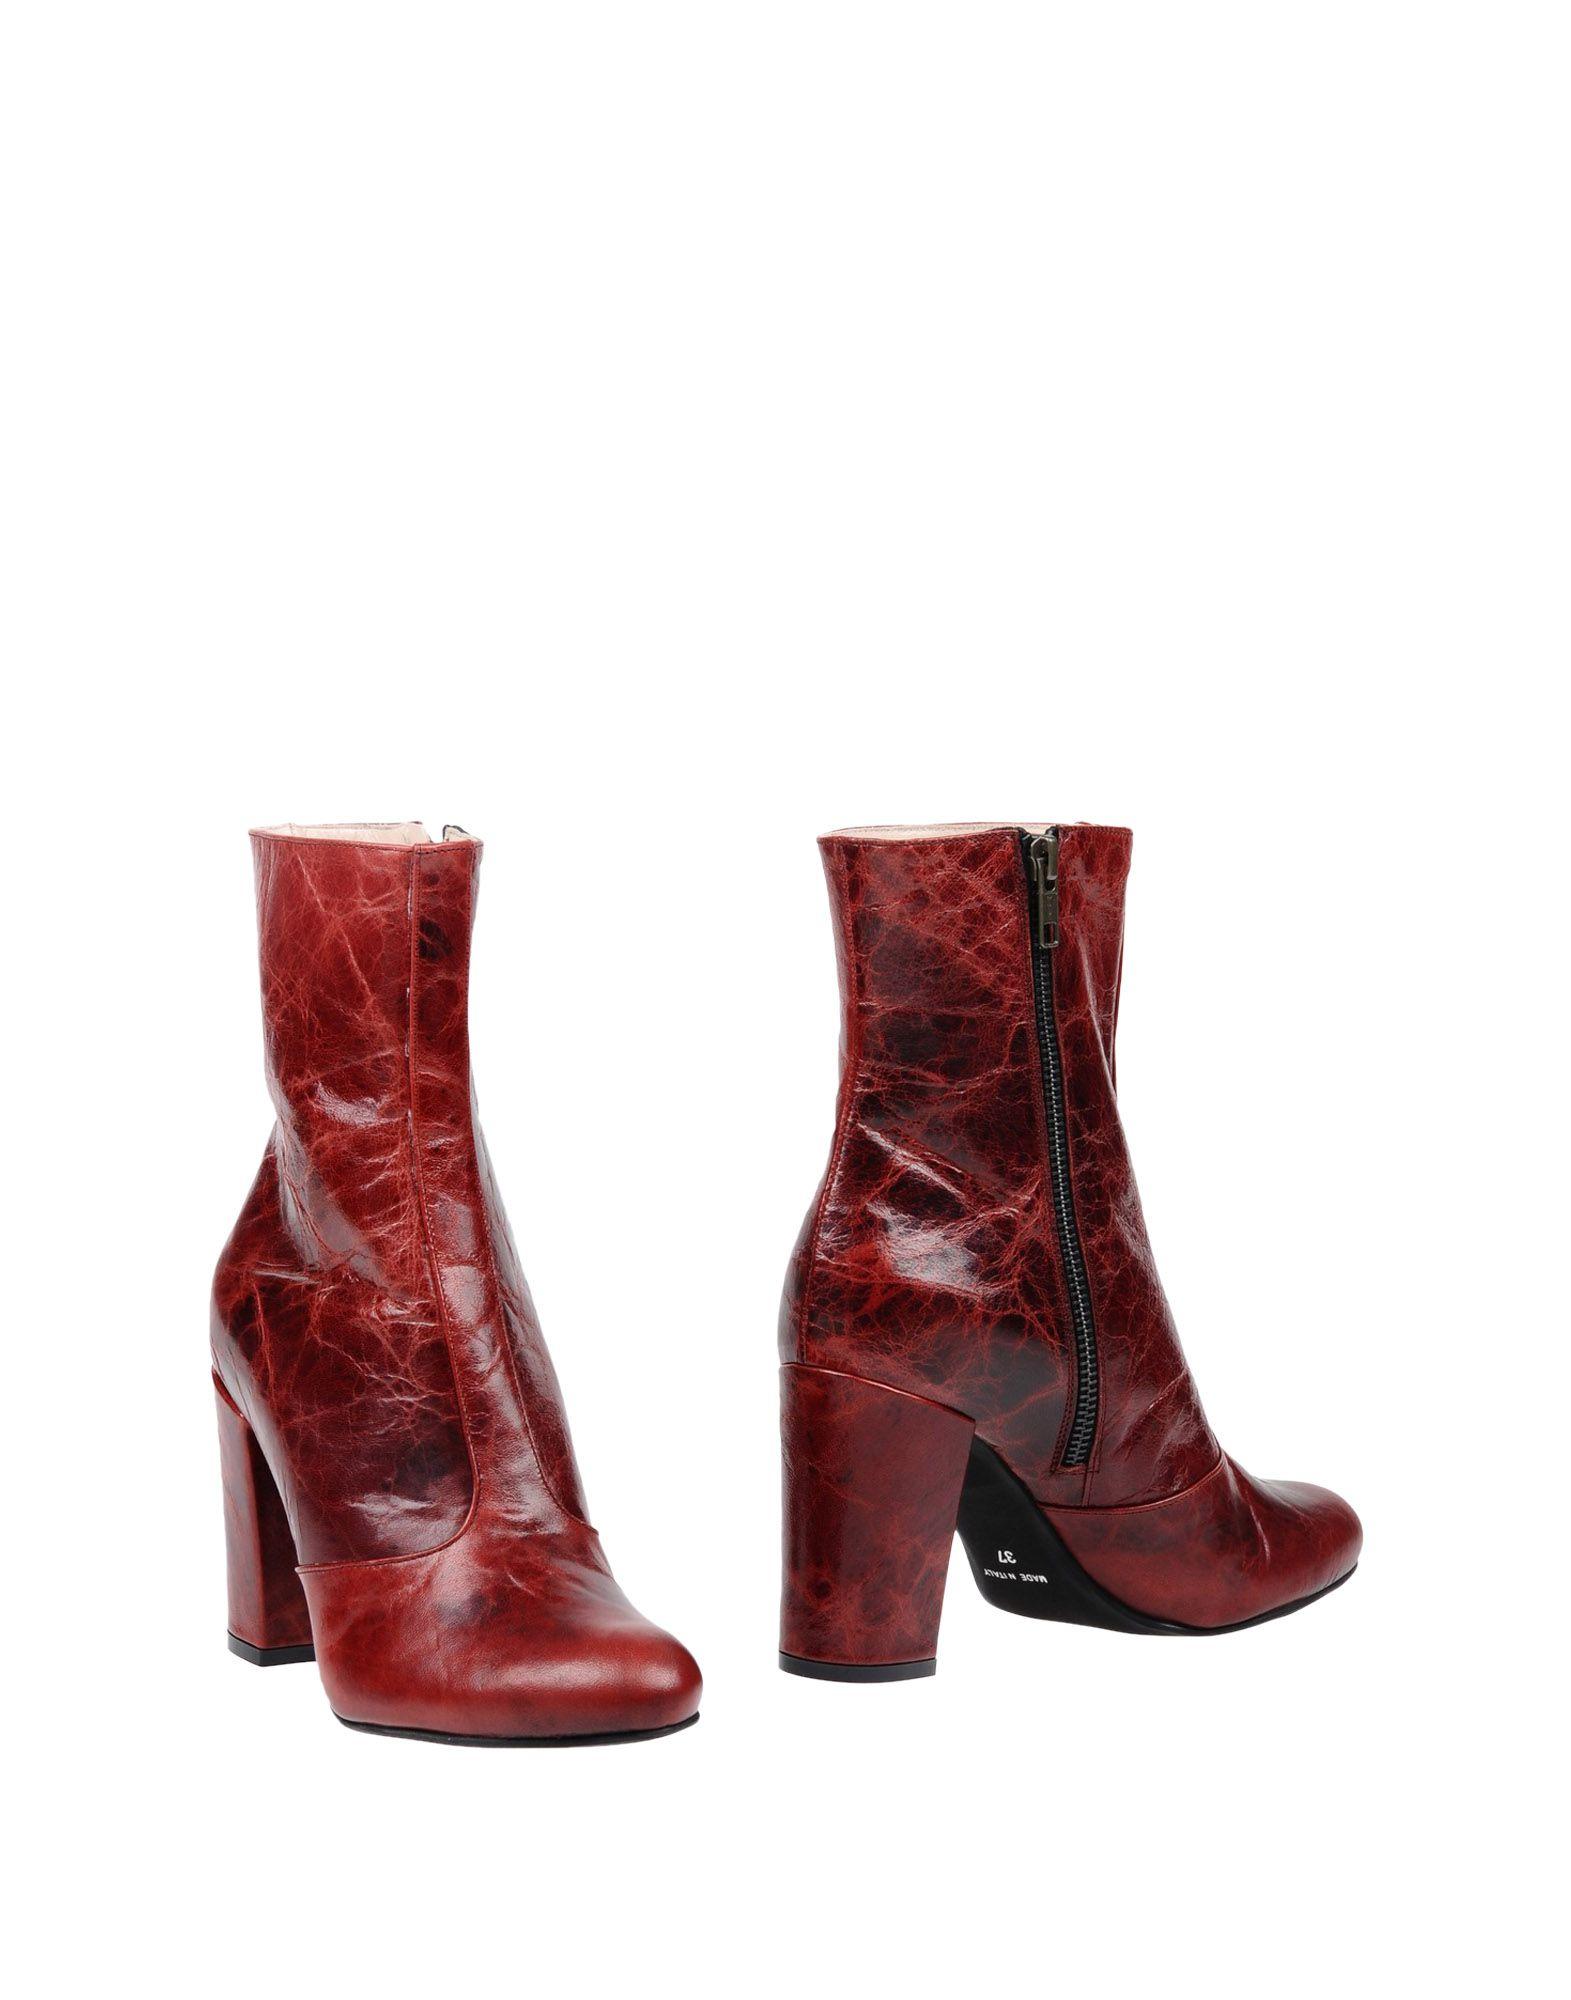 Stele Stiefelette Damen  11454693BRGut aussehende strapazierfähige Schuhe